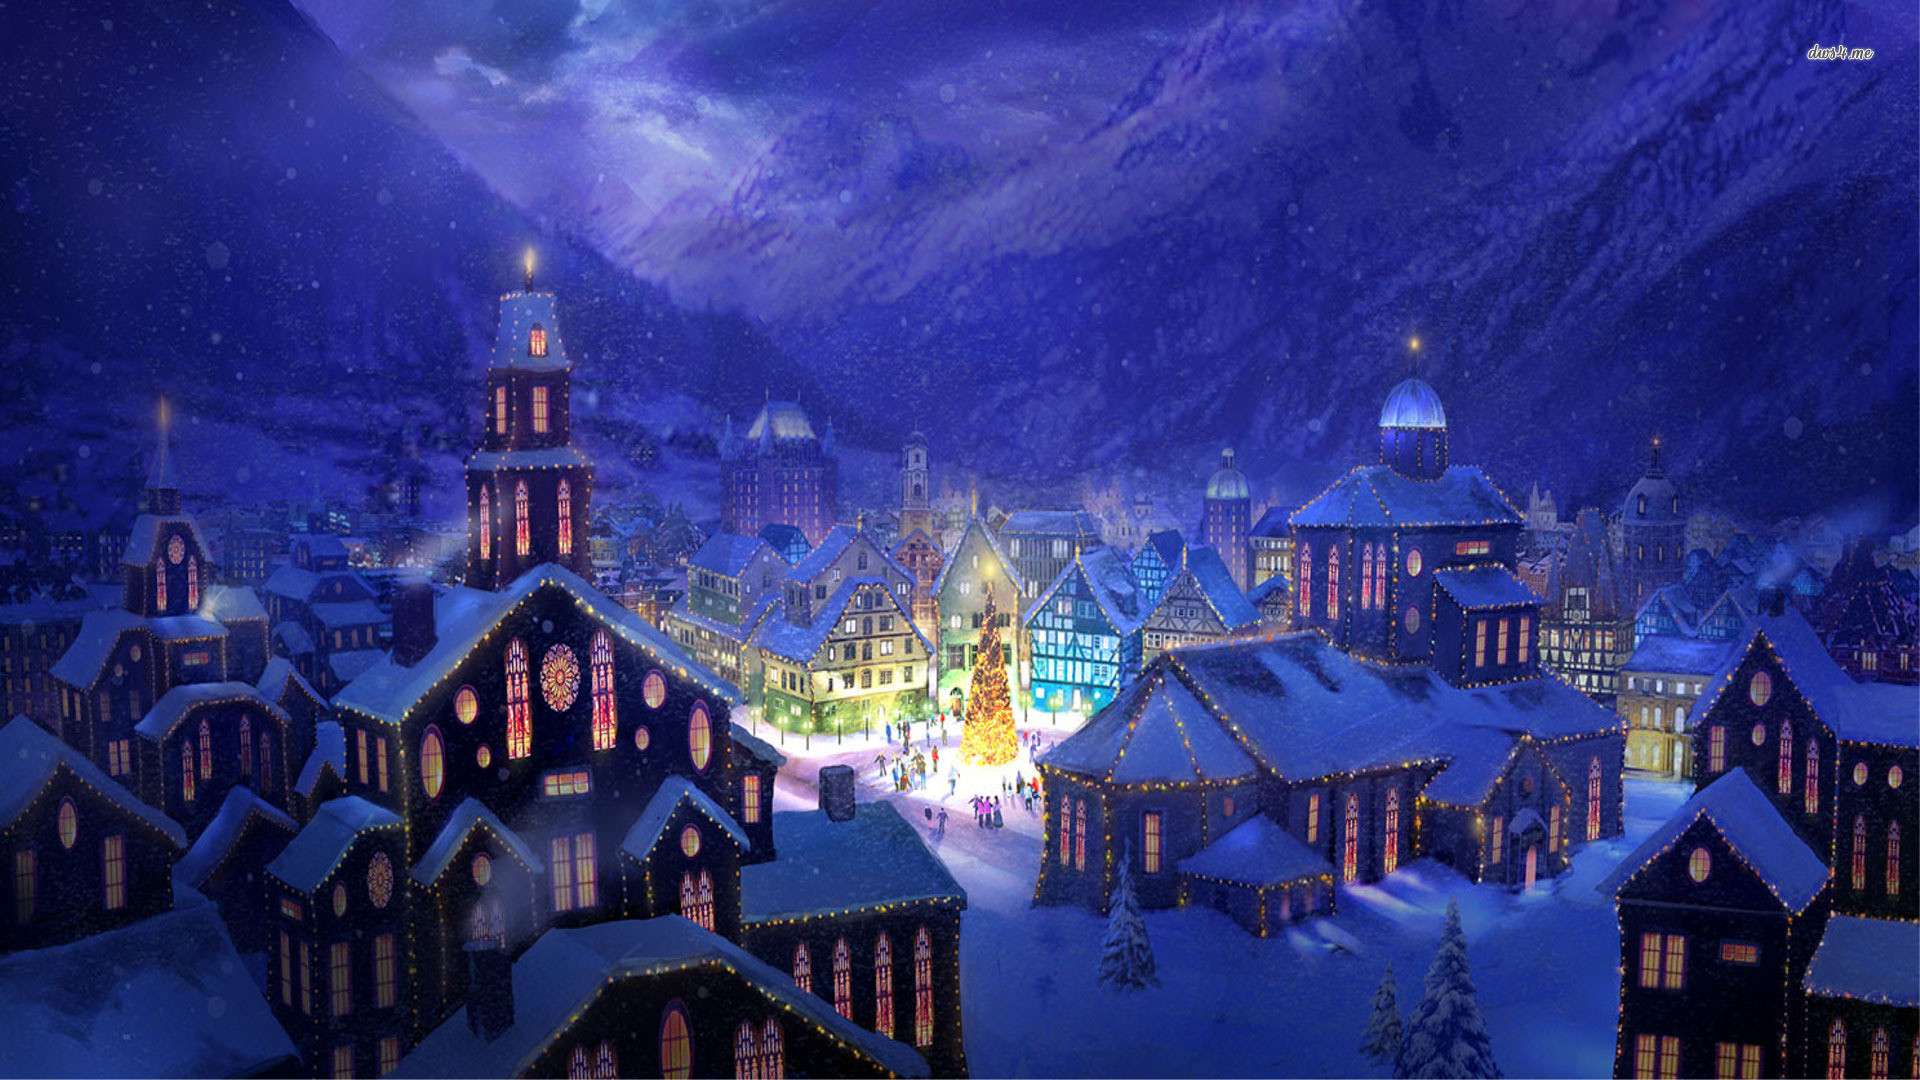 christmas time holiday wallpaper 3520 christmas time